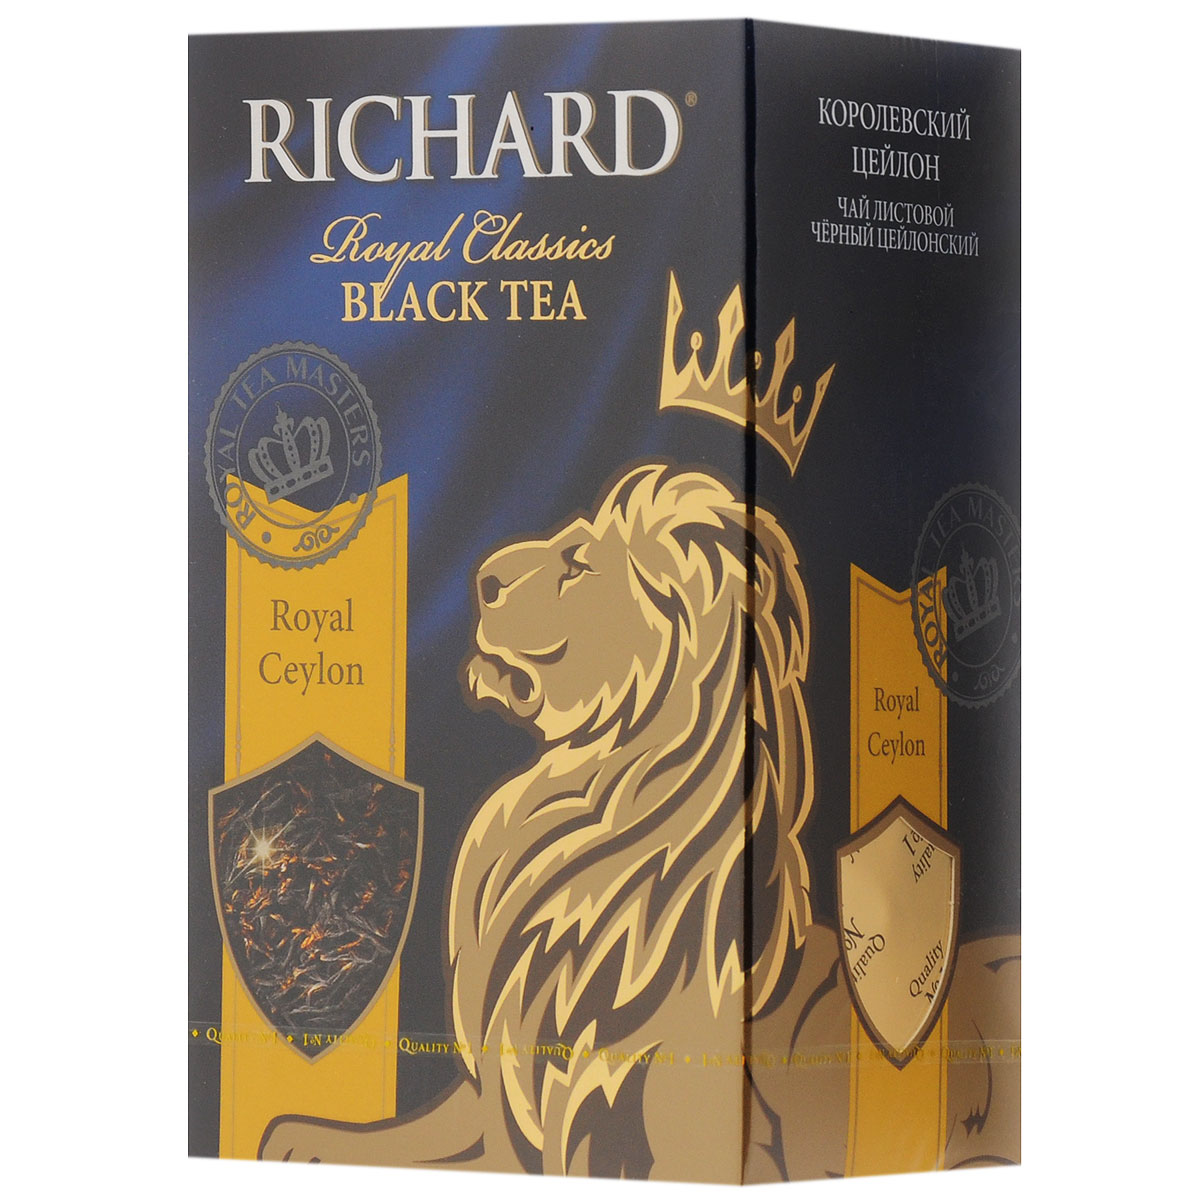 Richard Royal Ceylon черный листовой чай, 90 г0120710Richard Royal Ceylon - листовой черный цейлонский чай, который подарит вам классический вкус и аромат каждое утро.